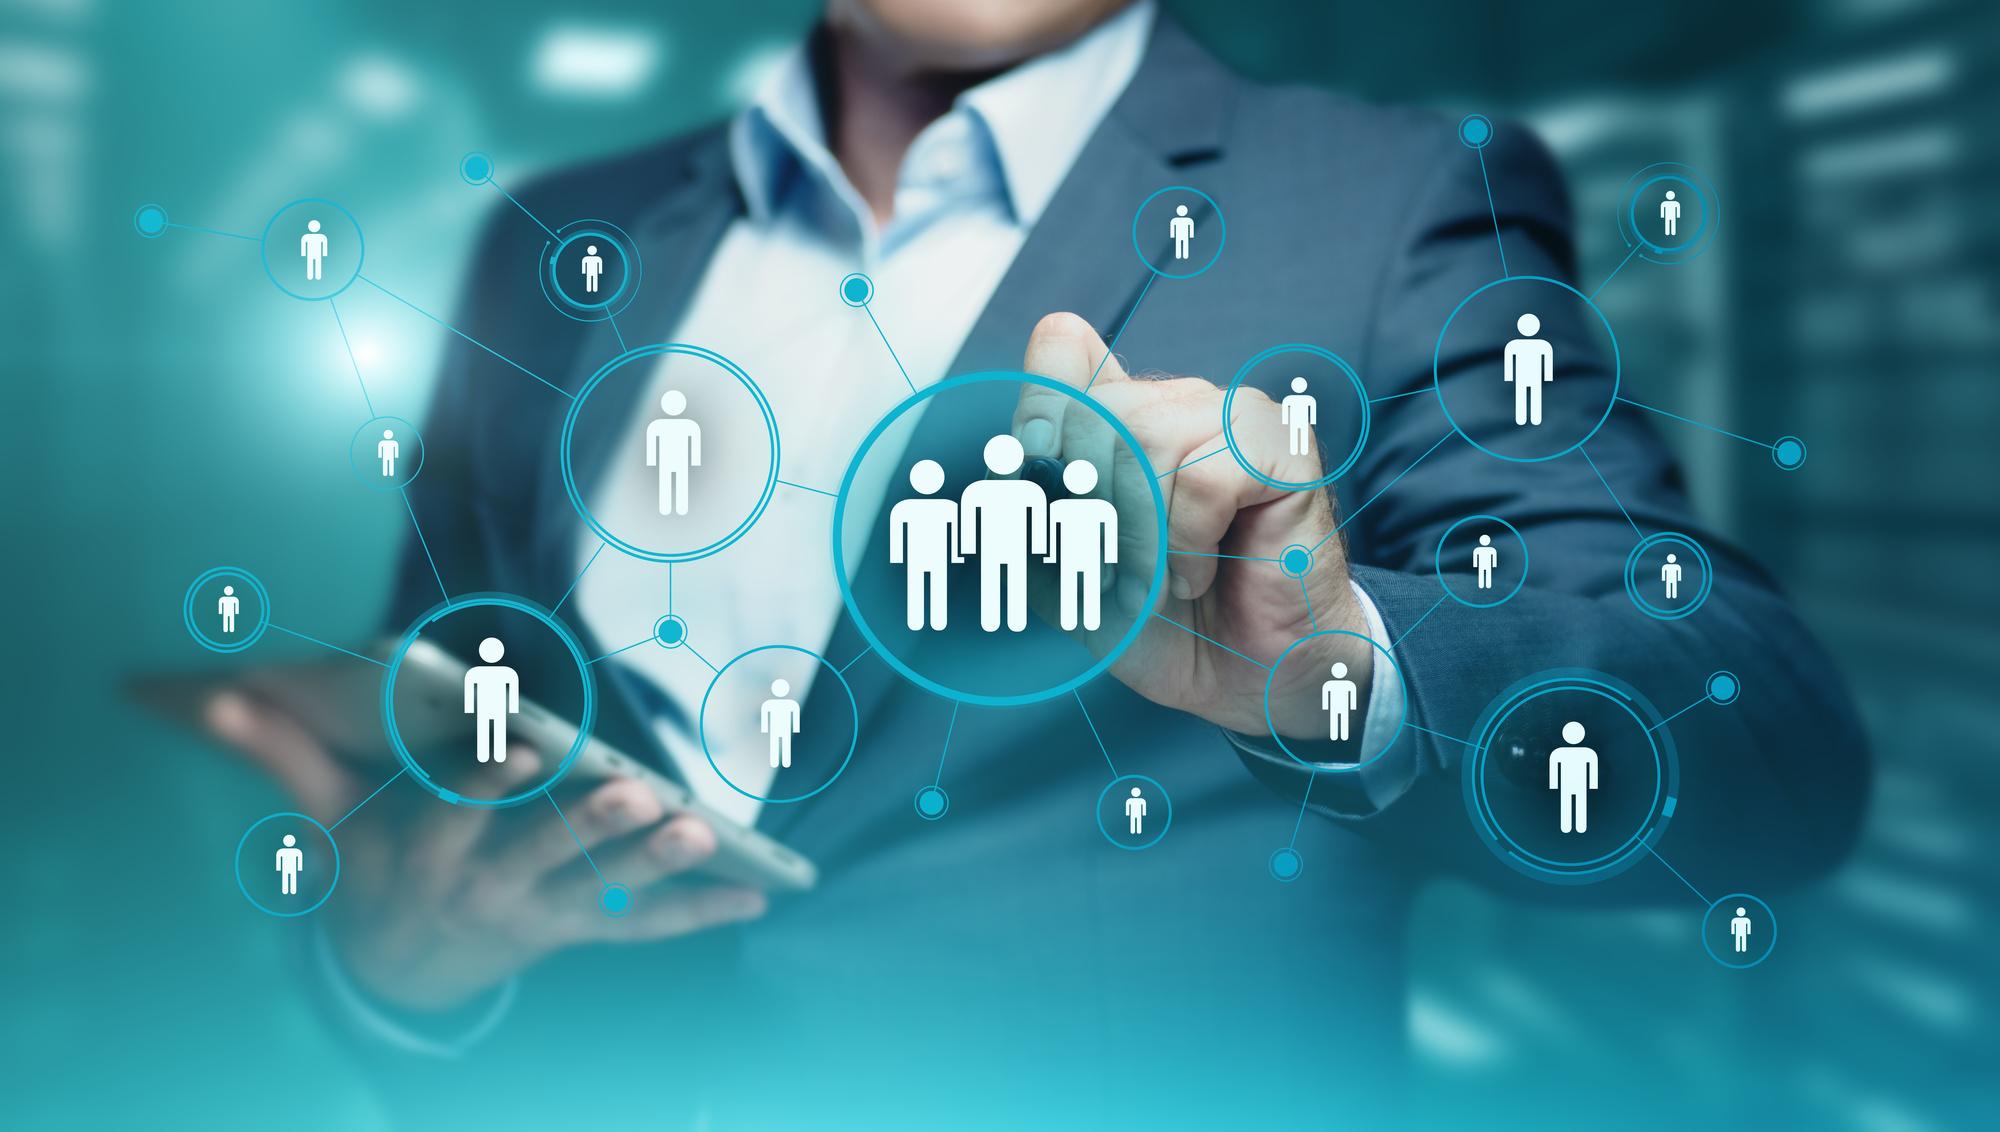 مدیریت در انگلستان-شرایط تحصیل مدیریت در انگلستان در مقطع دکتری